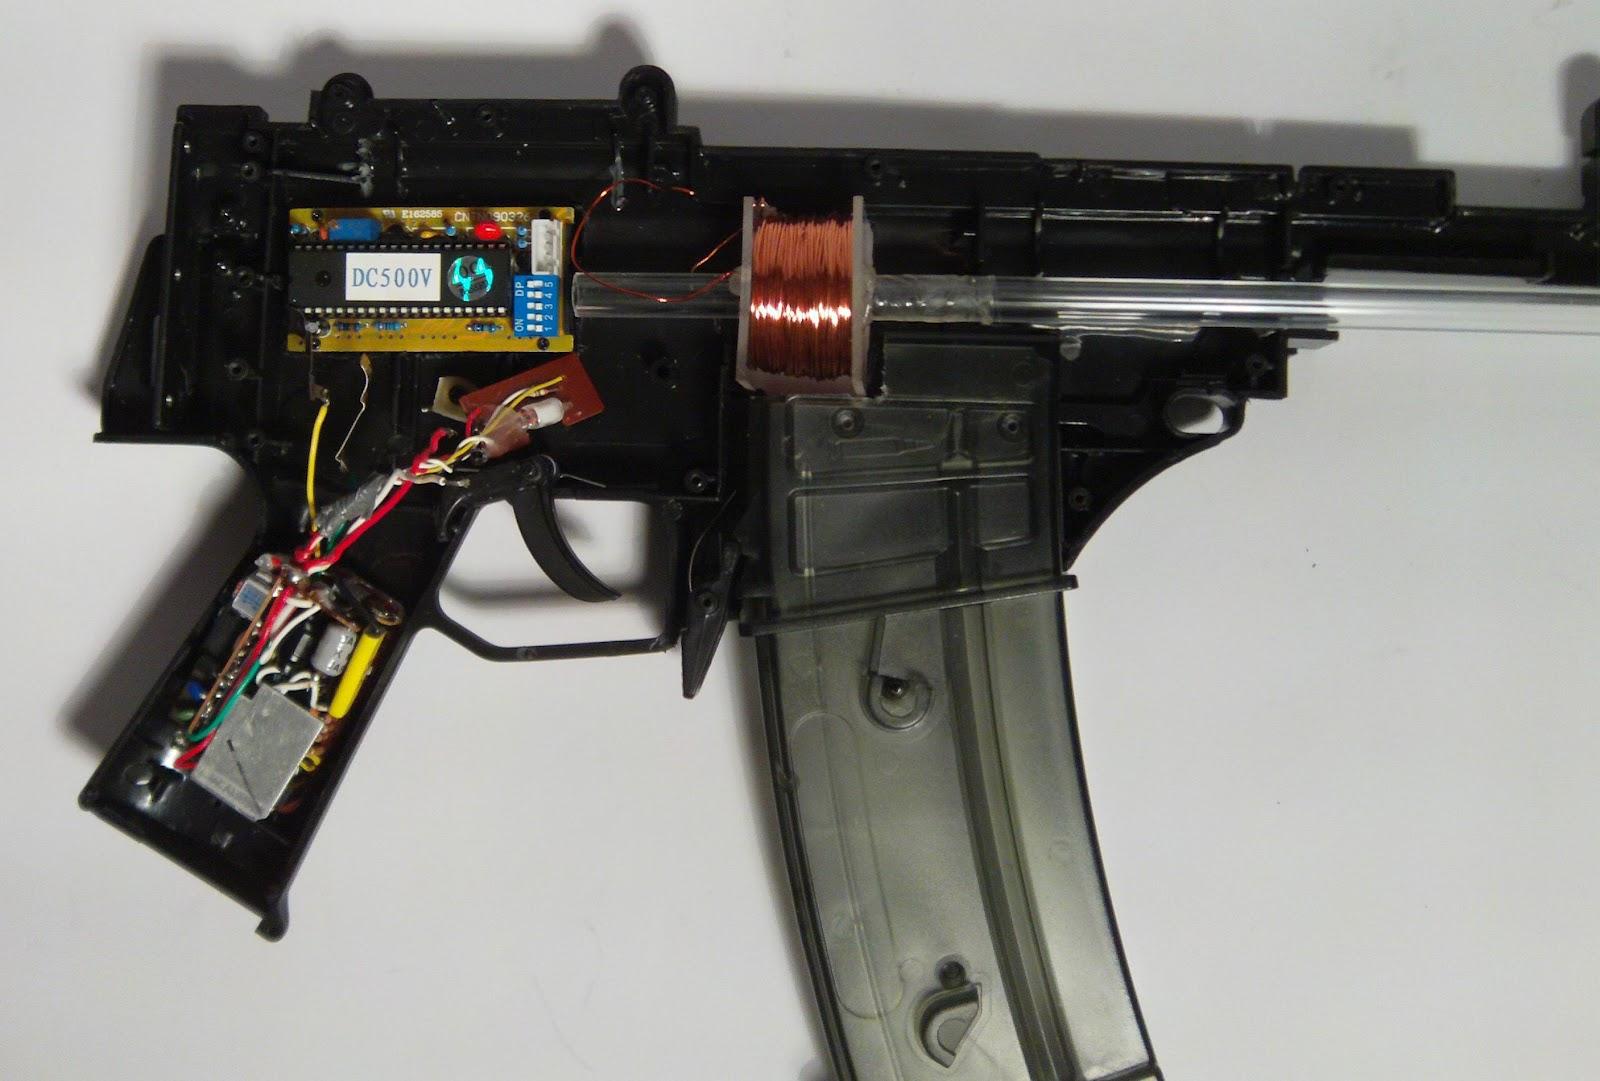 Homemade gun plans